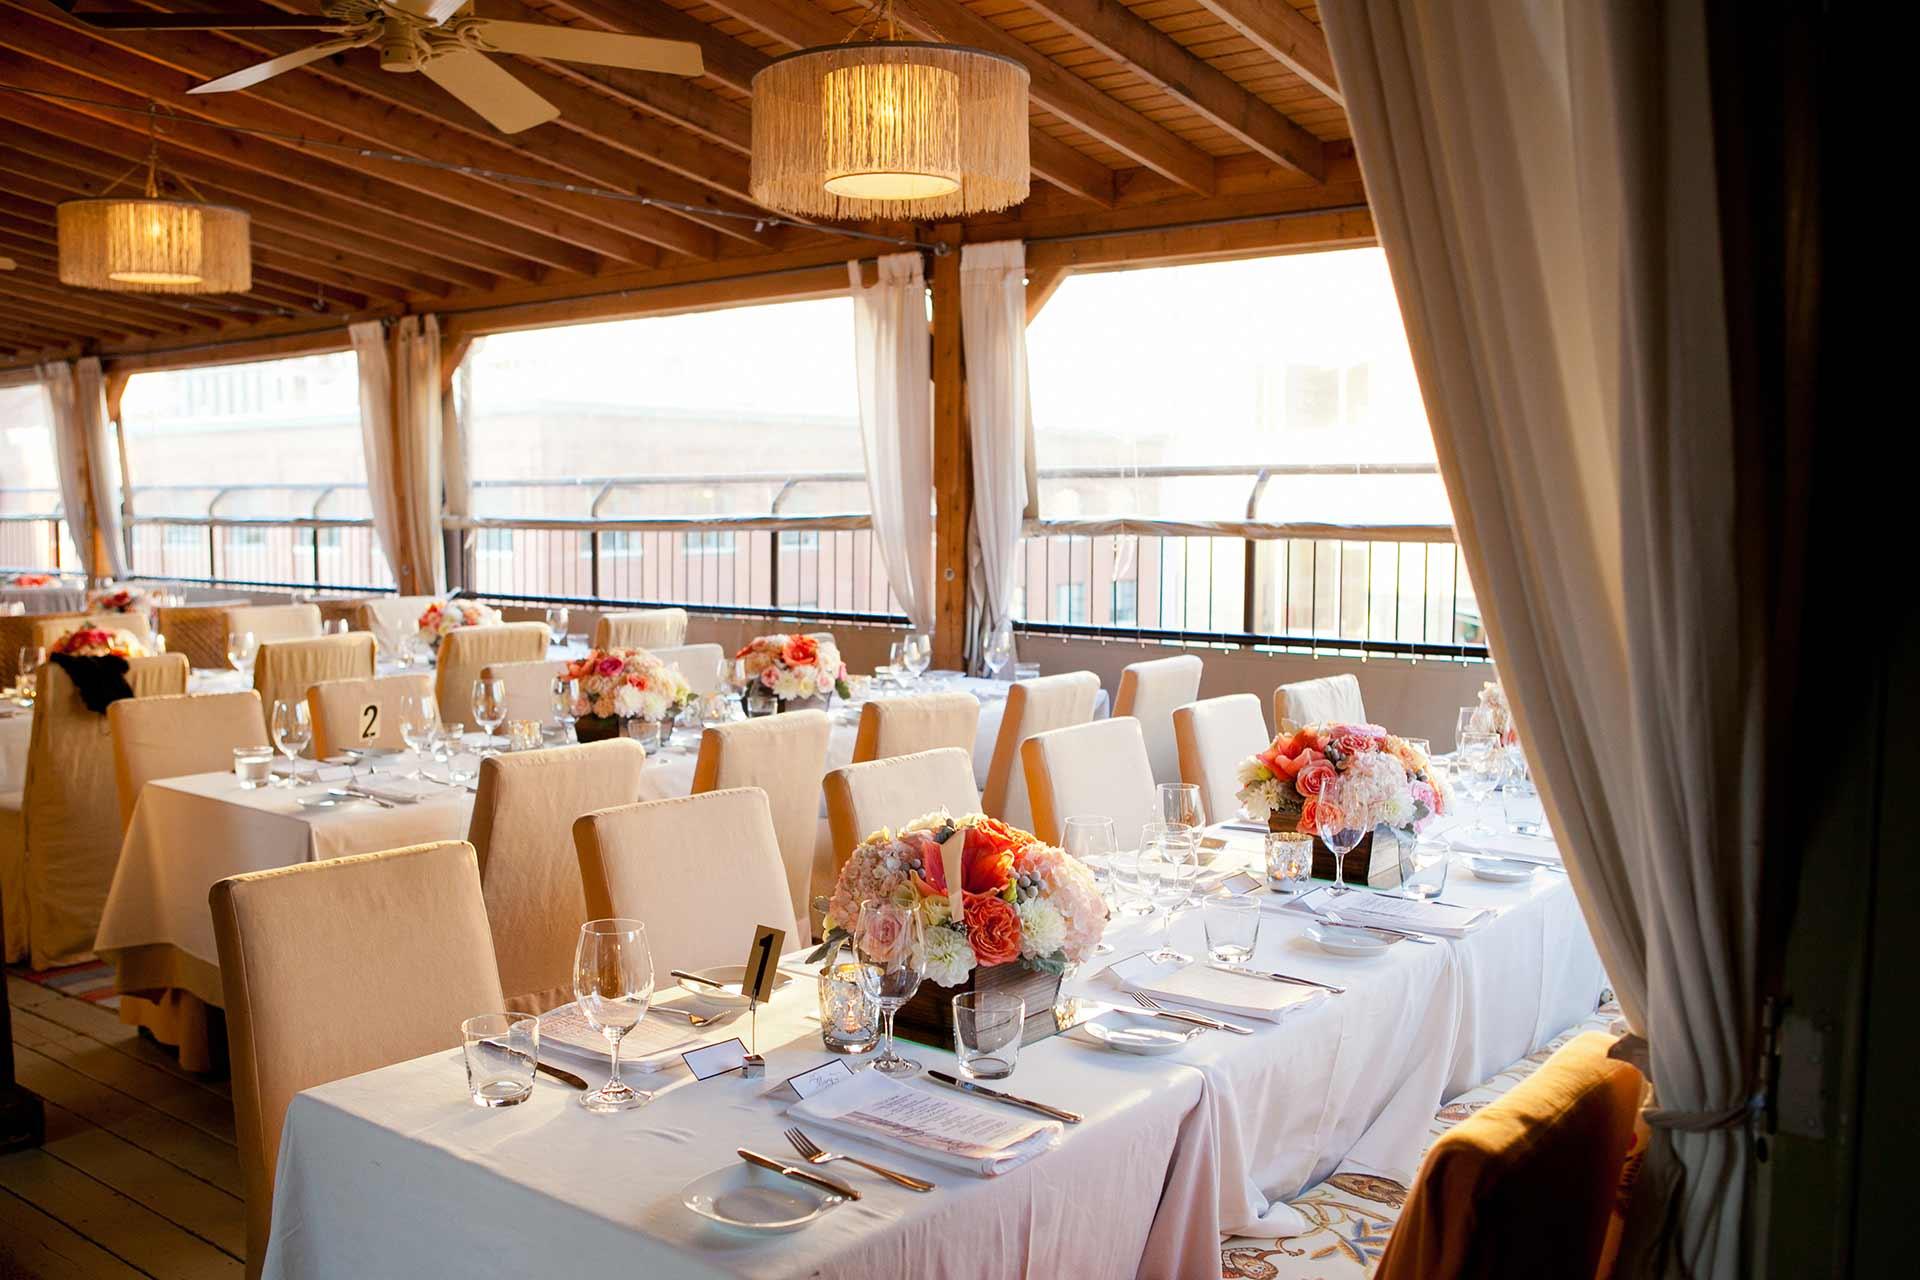 Toronto Wedding Venue Outdoor Rooftop Wedding Reception